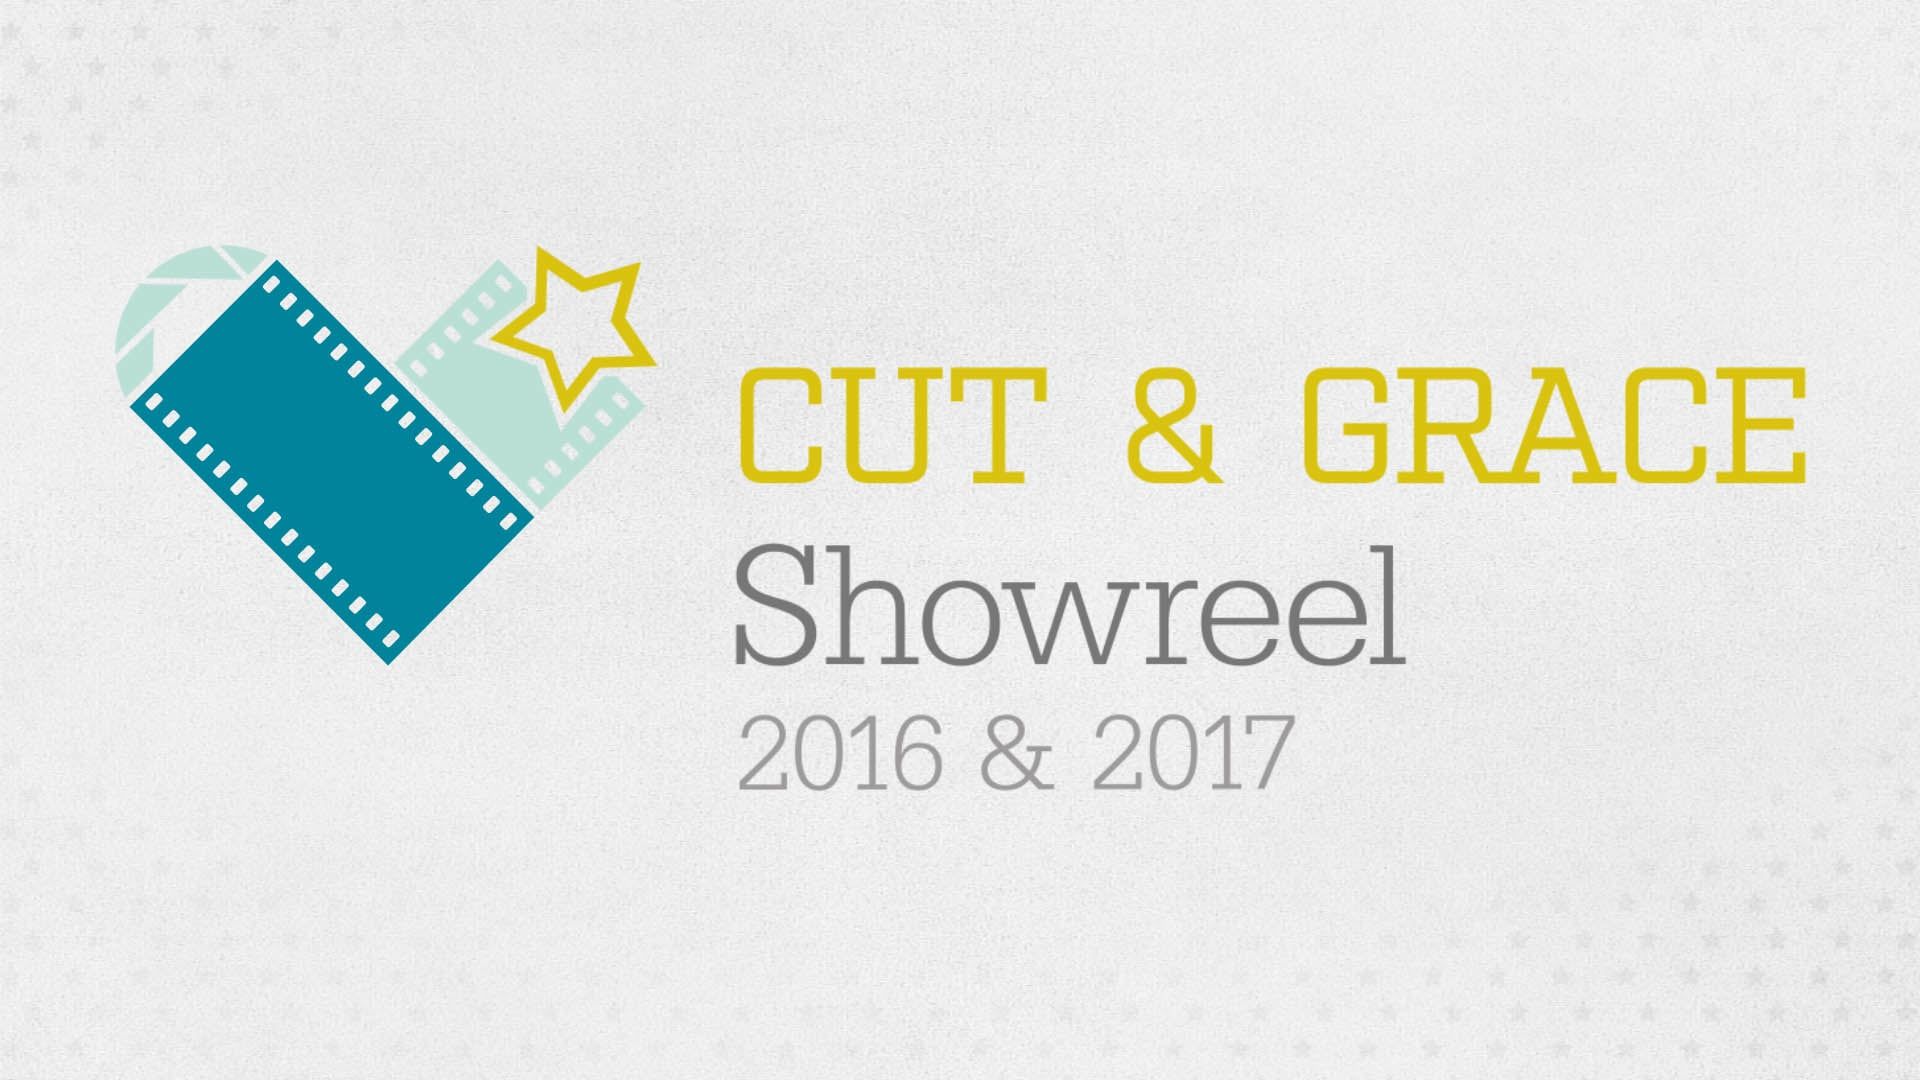 CUT & GRACE Showreel 2016 & 2017